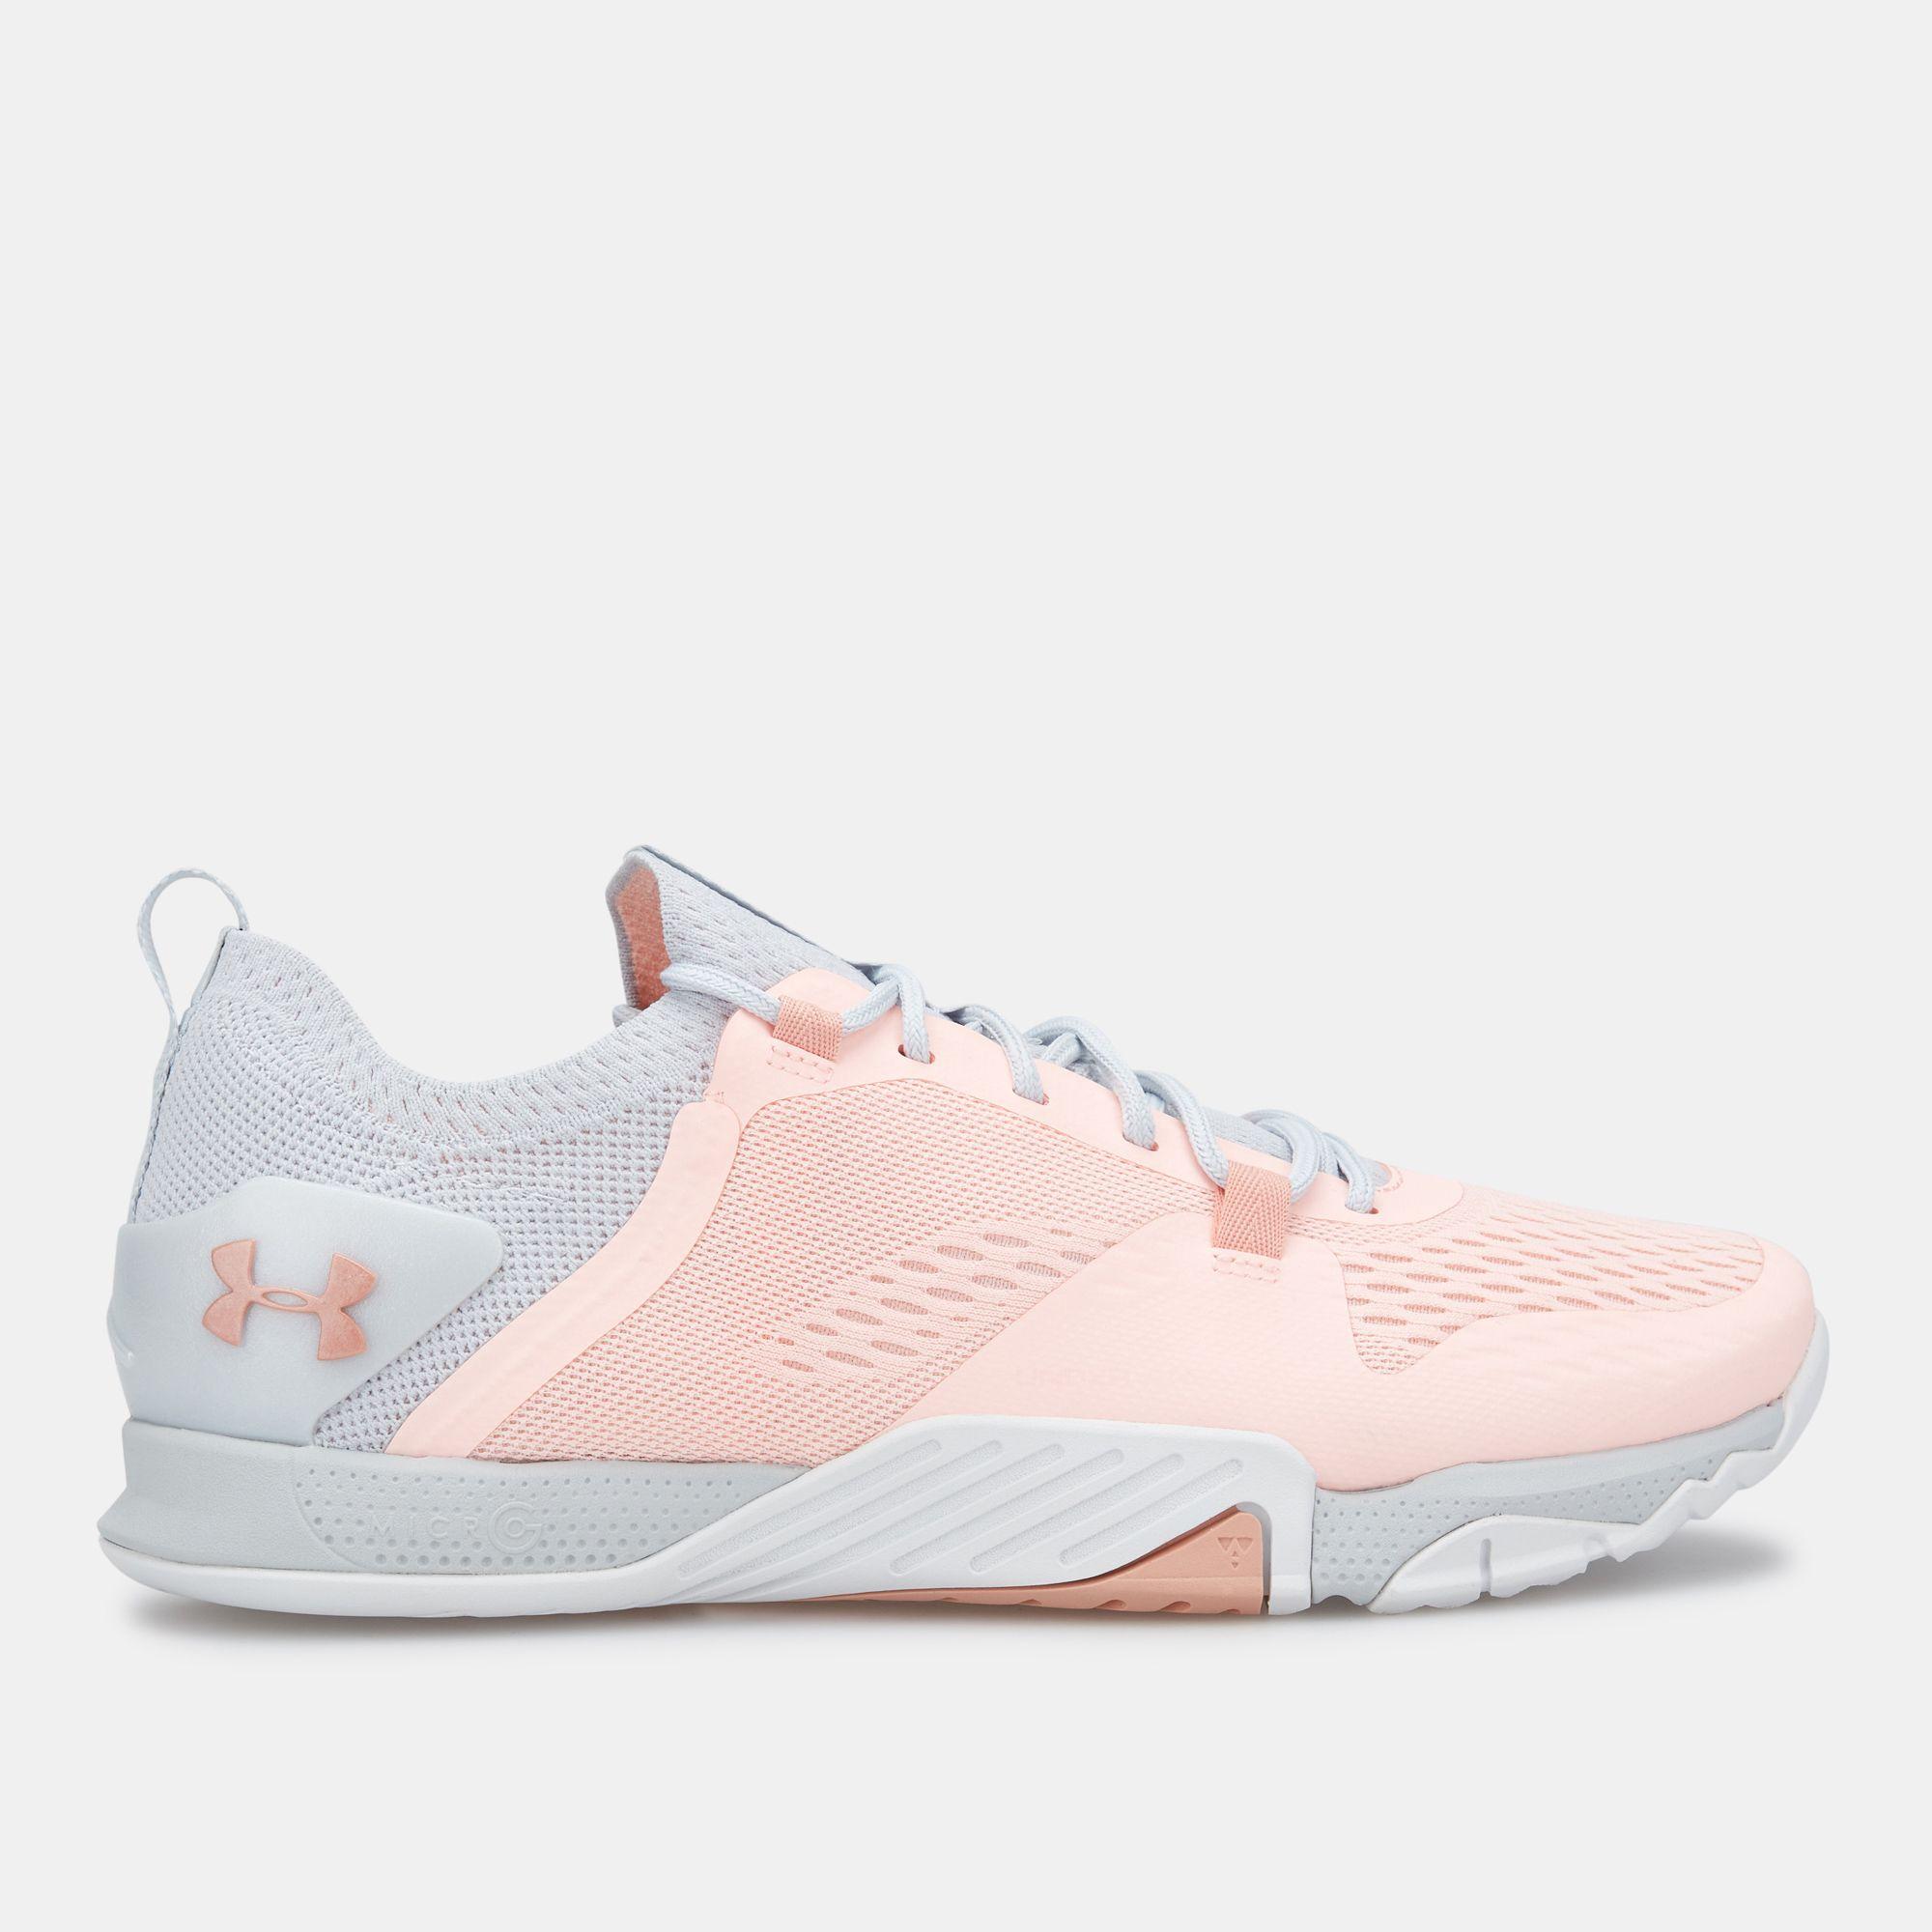 Tienda descuento especial de mejor online Under Armour Women's TriBase Reign 2 Shoe | Sports Shoes | Shoes ...